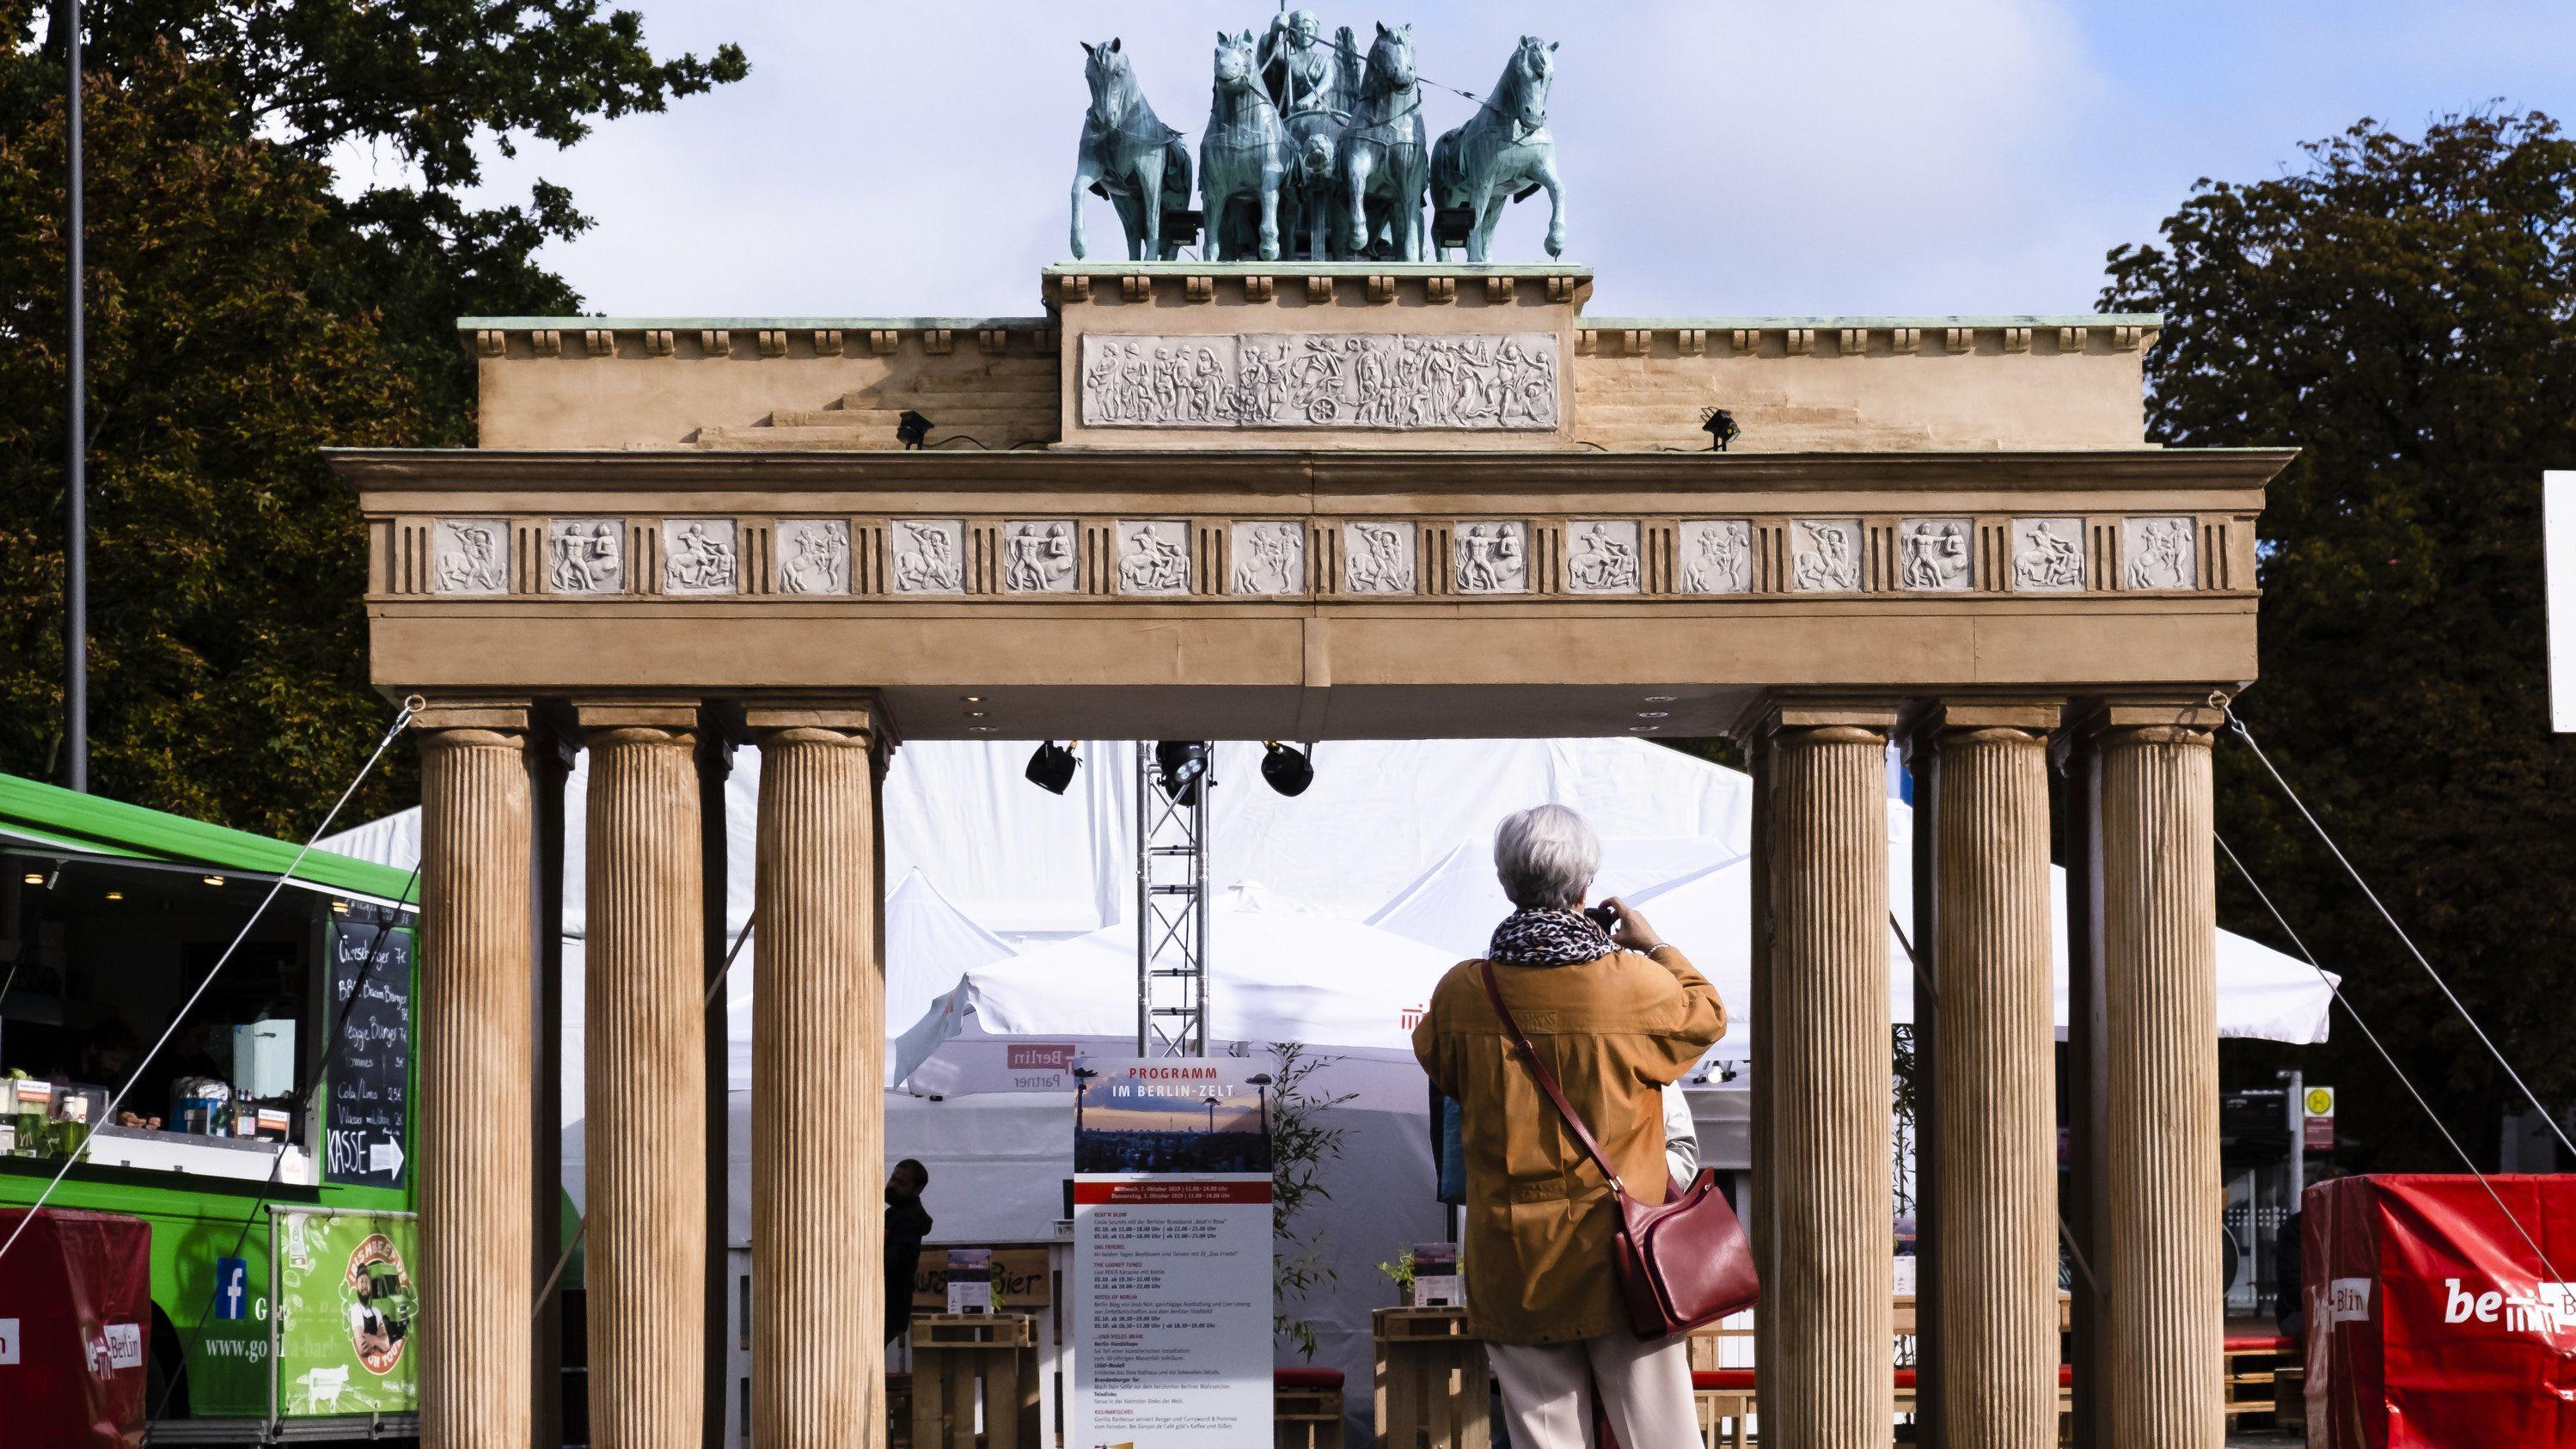 Eine Besucherin fotografiert eine Miniaturausgabe des Brandenburger Tors im Rahmen der zentralen Feier zum Tag der Deutschen Einheit in Kiel.